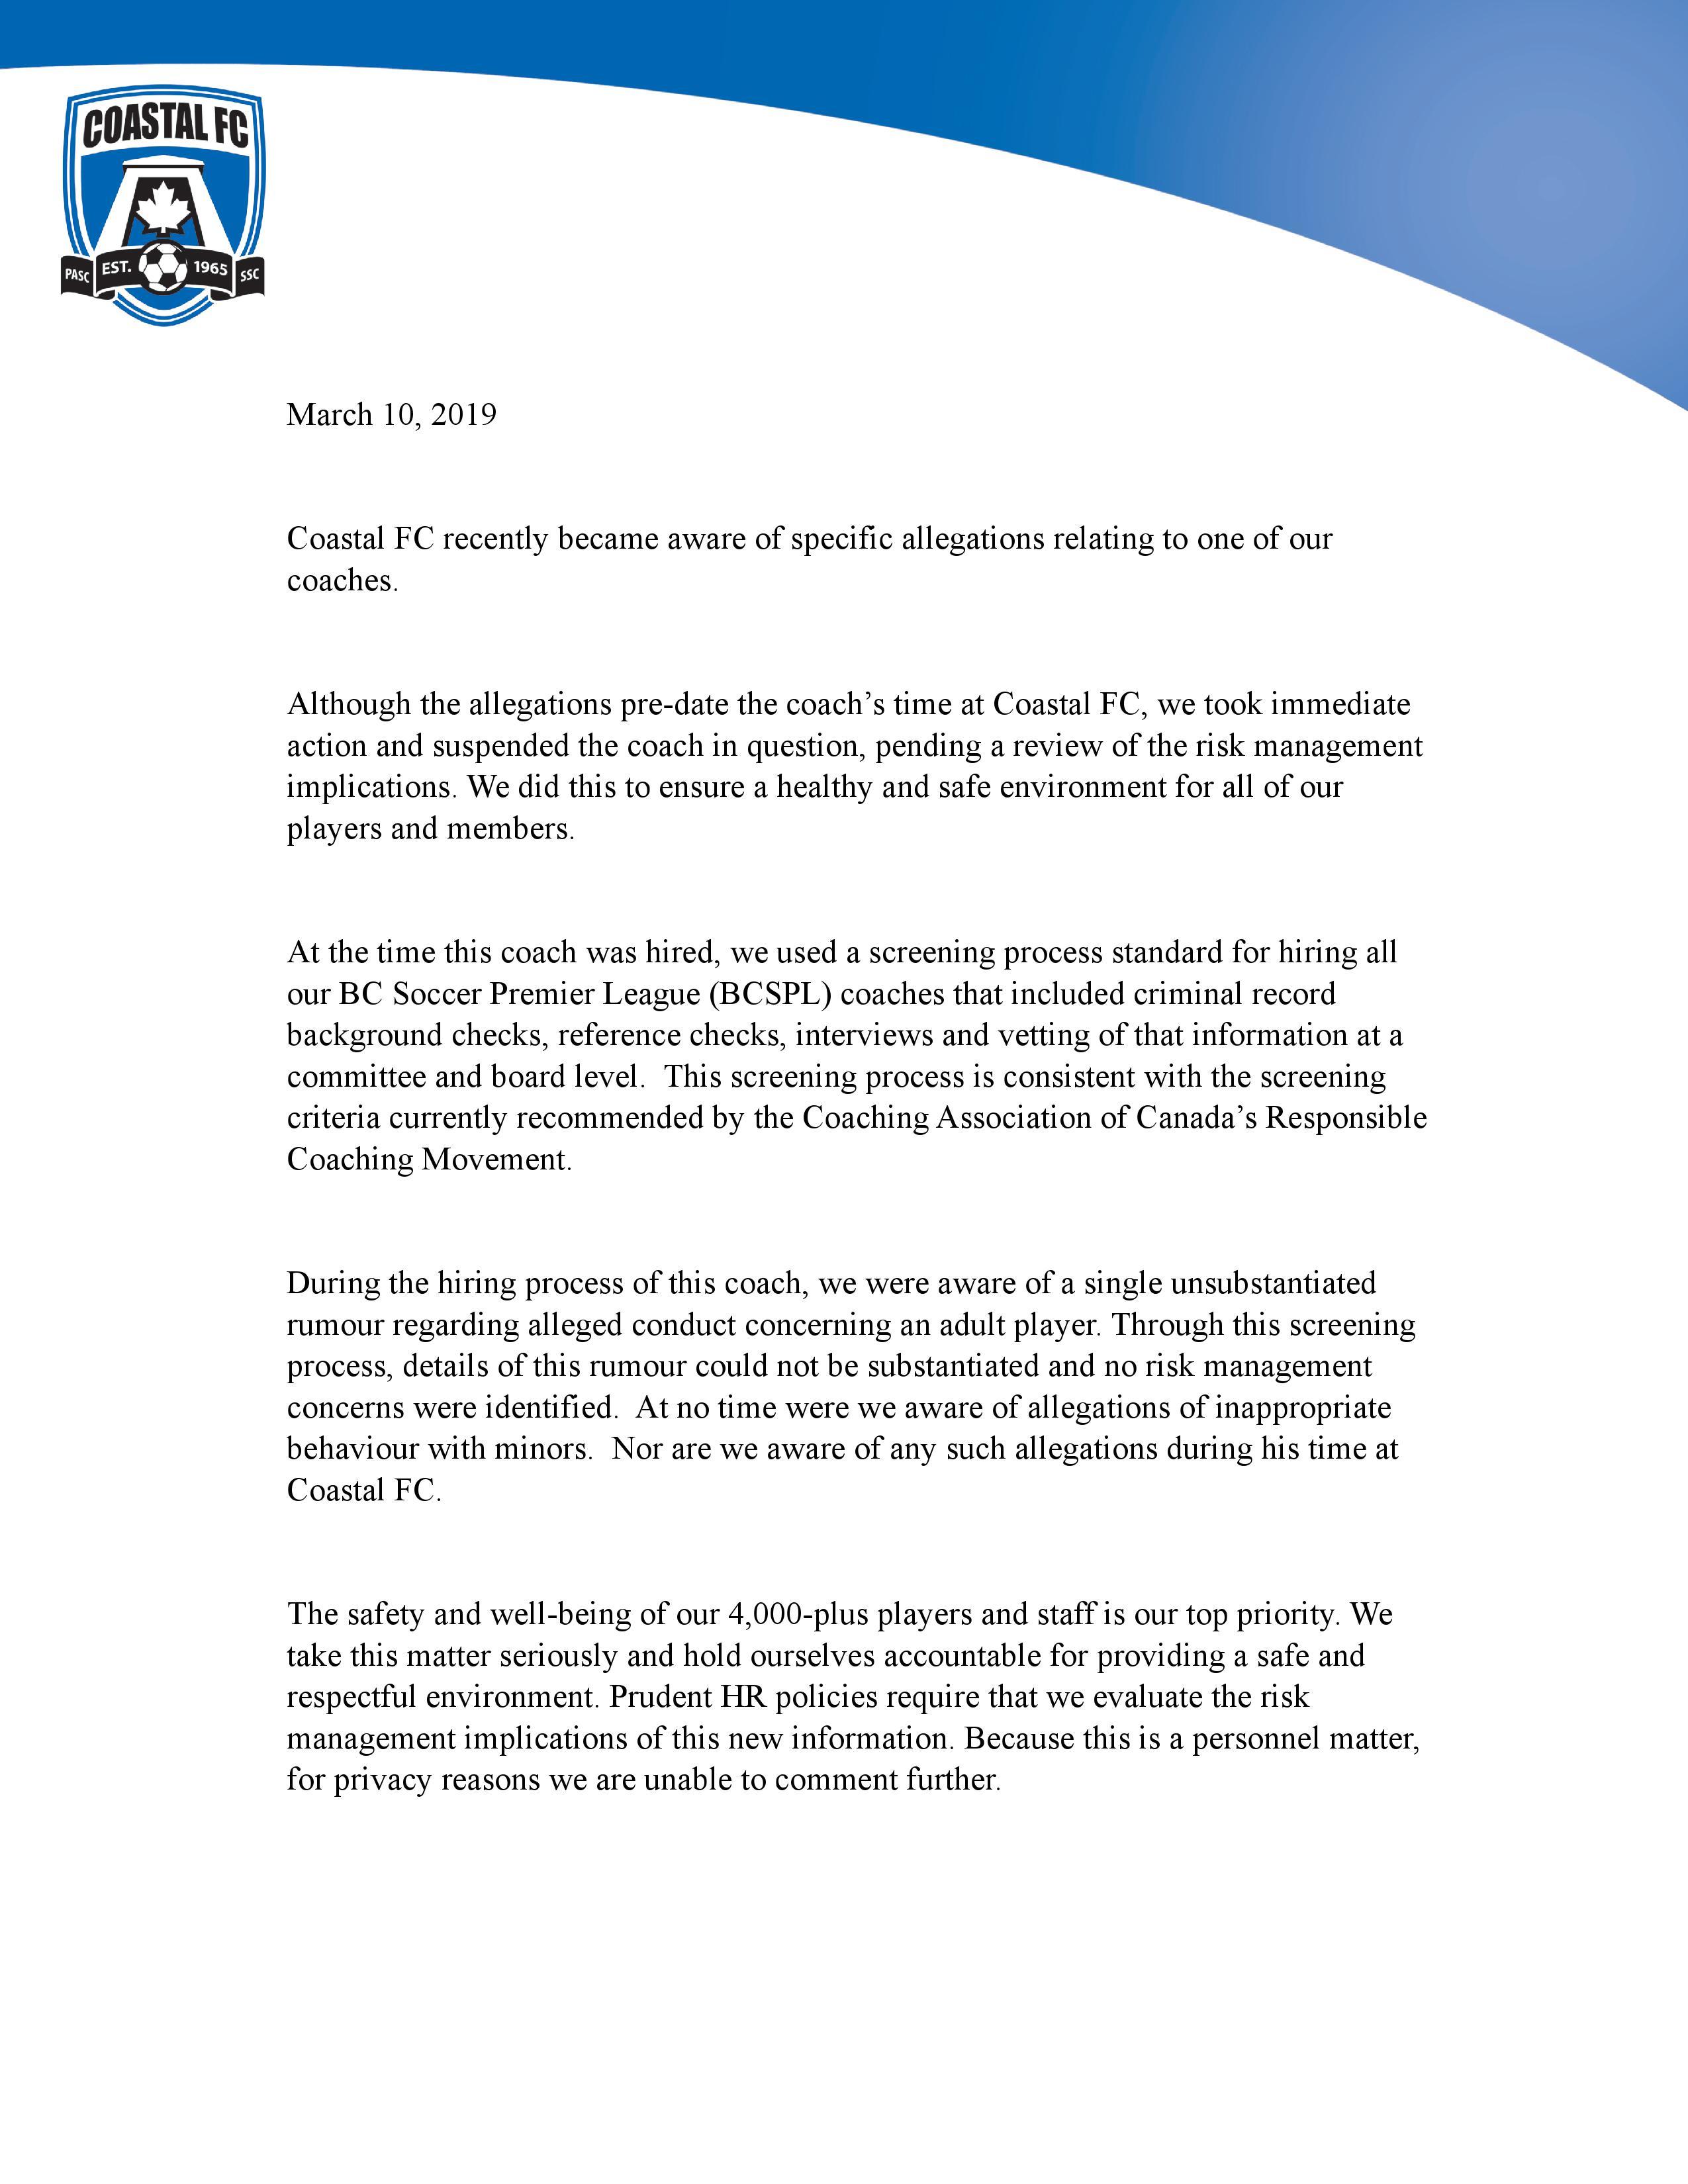 Coastal FC Statement   Coastal FC   Home